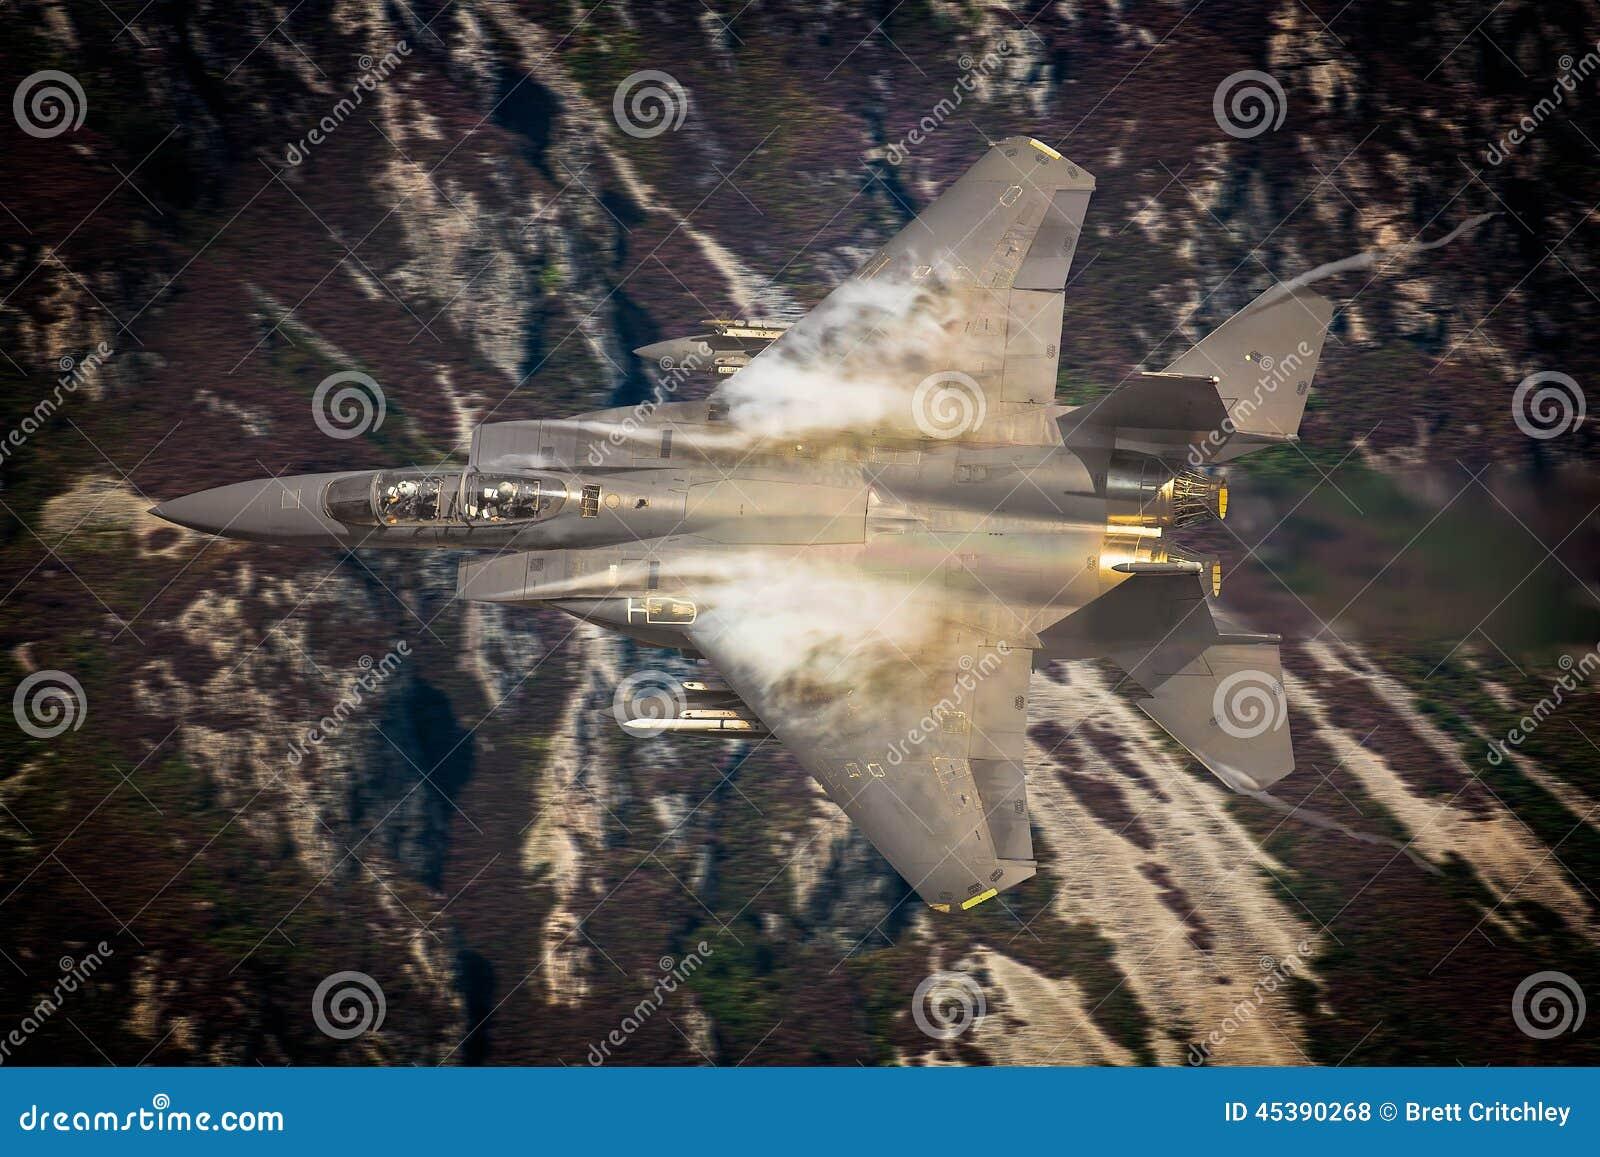 Aereo Da Caccia F15 : Aereo da caccia del u s a f fotografia stock